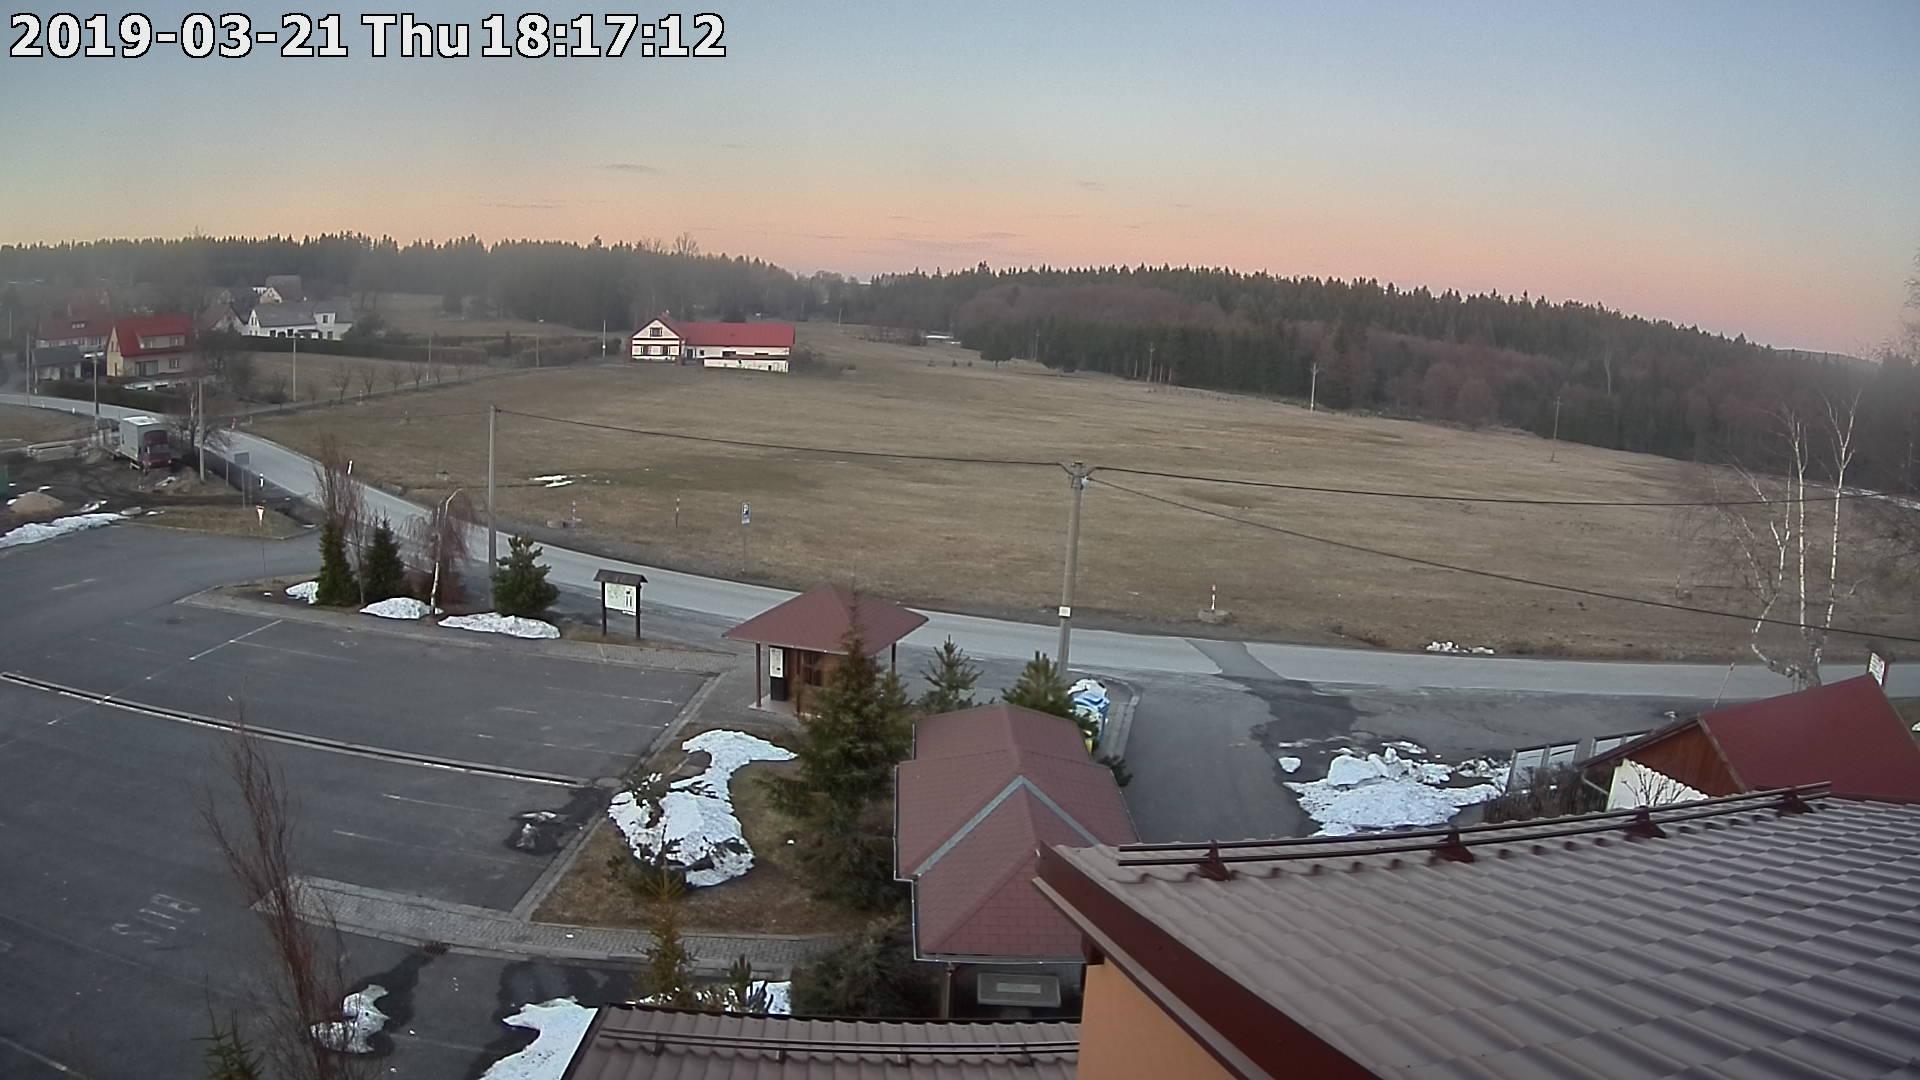 Webkamera ze dne 2019-03-21